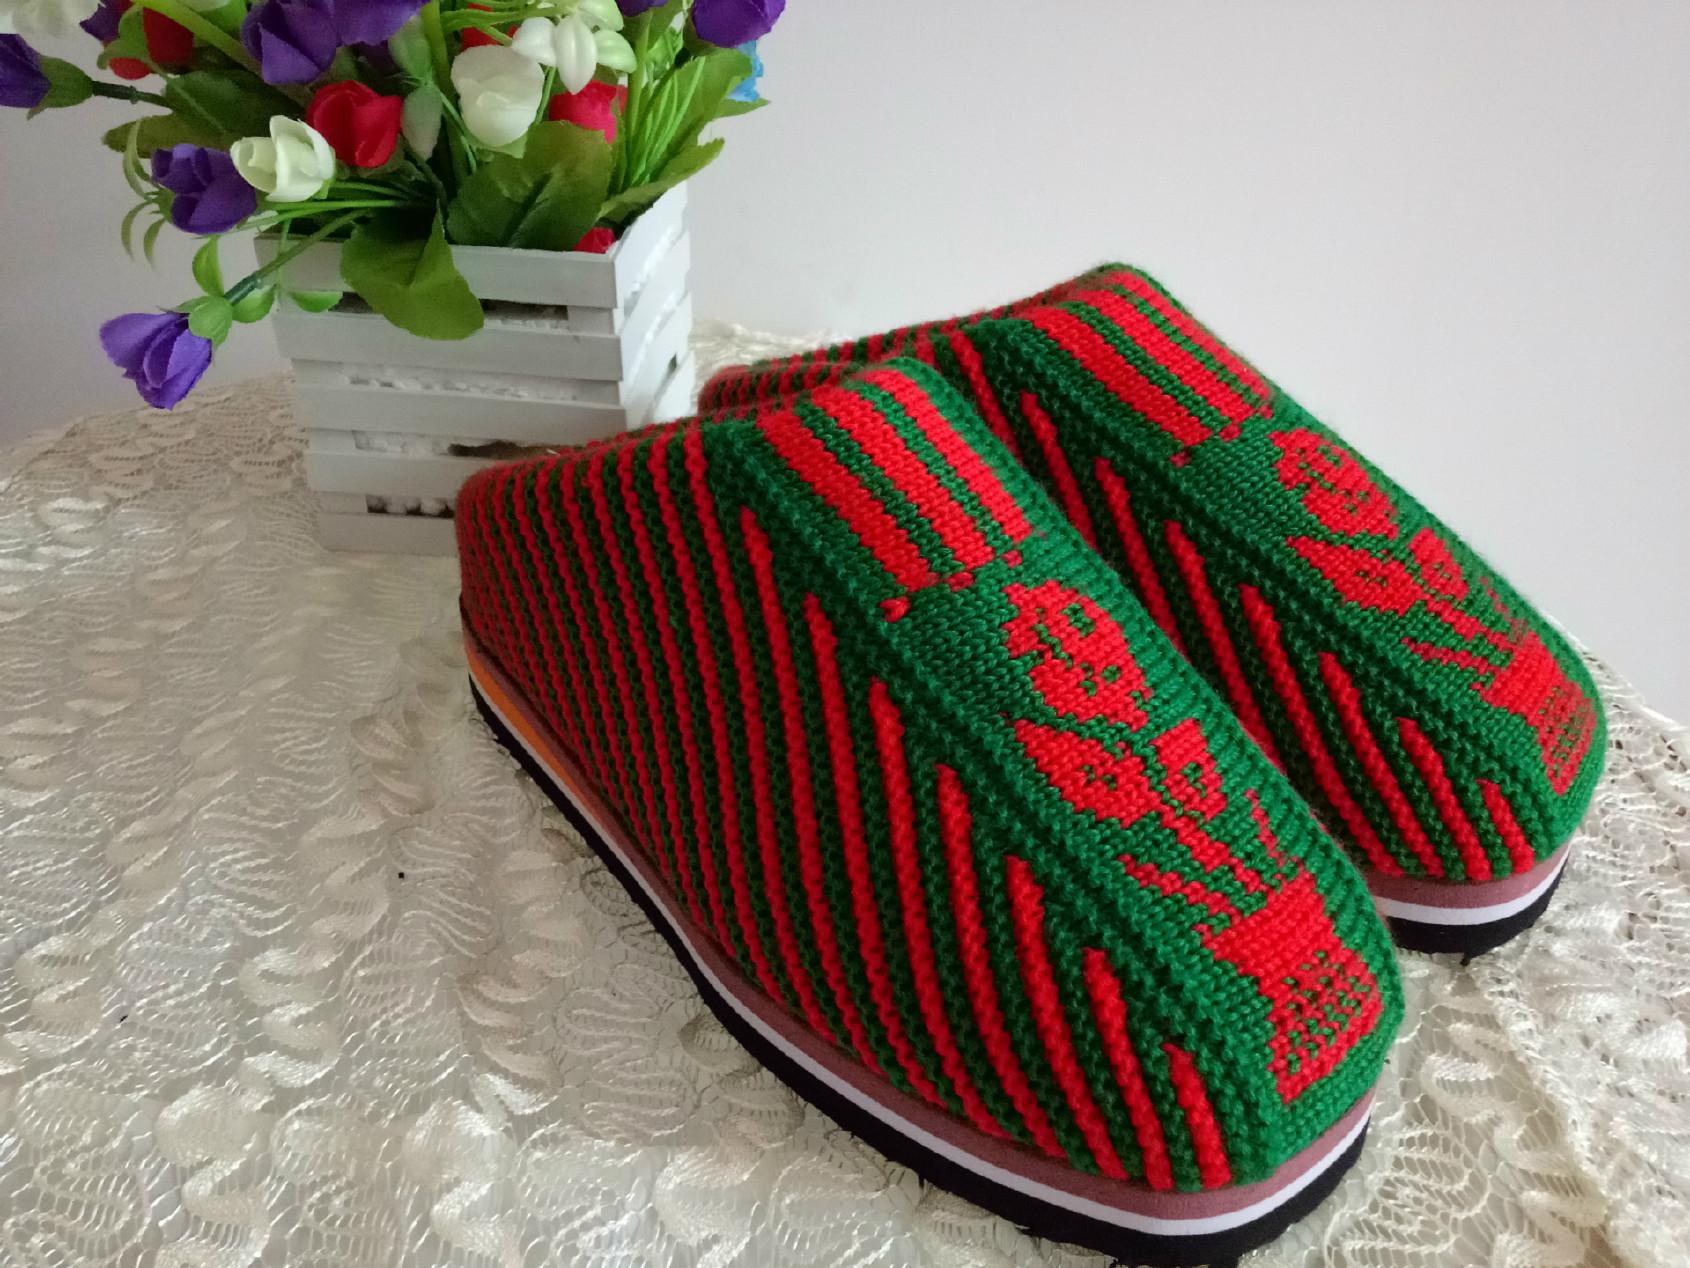 毛线棉拖鞋的织法视频教程全集_毛线棉拖鞋的织法视频